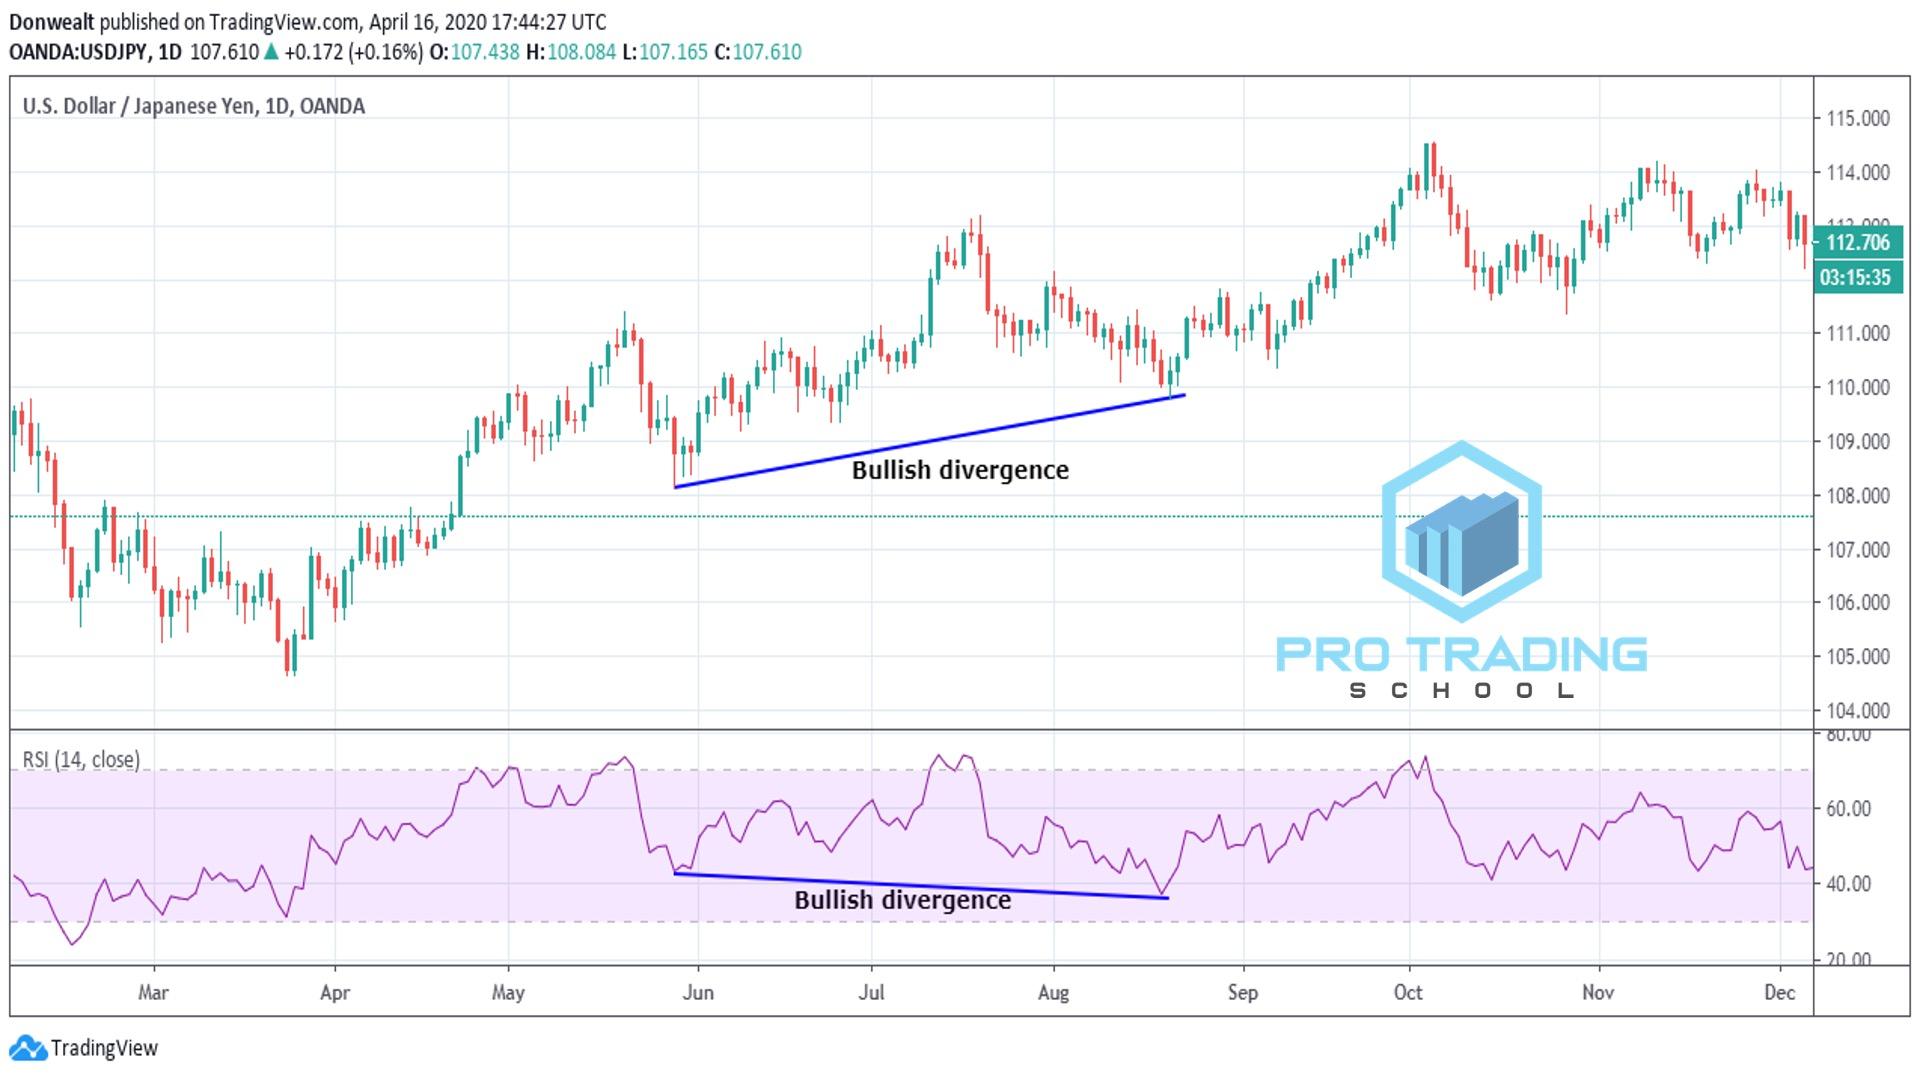 bullish-divergence-trading